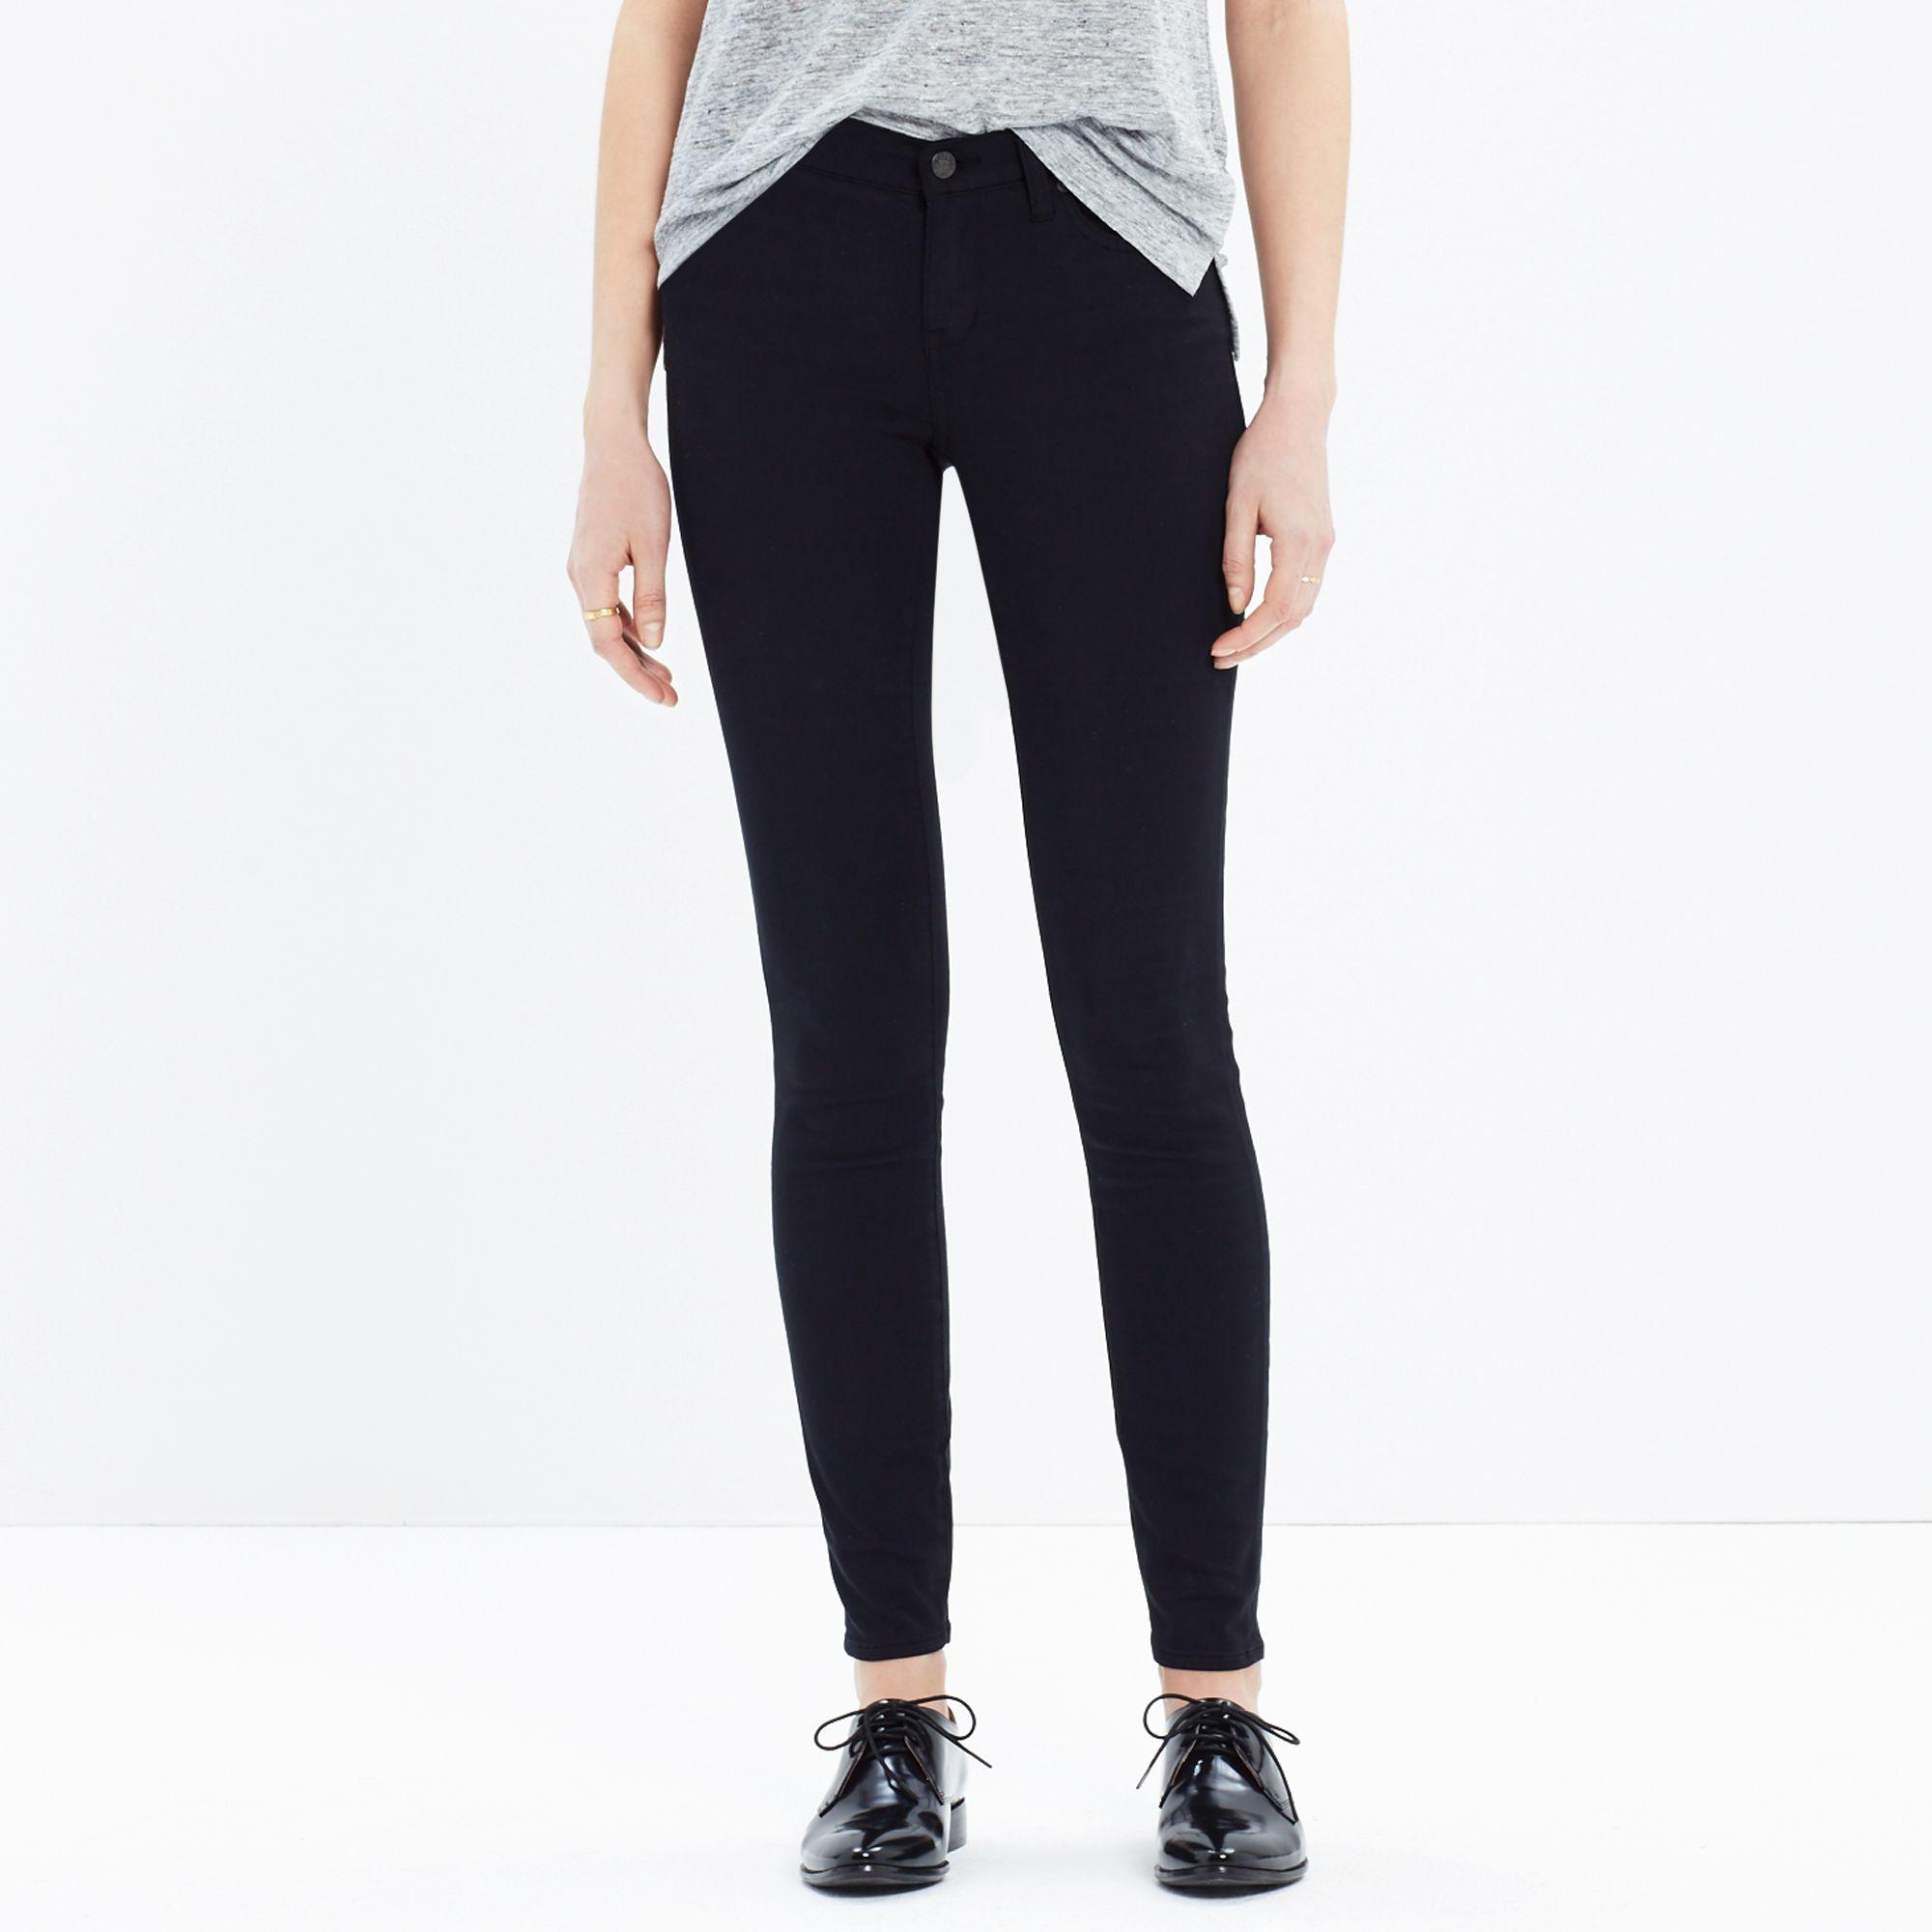 Mid-rise Skinny Jeans - Black Madewell NjA6P17D